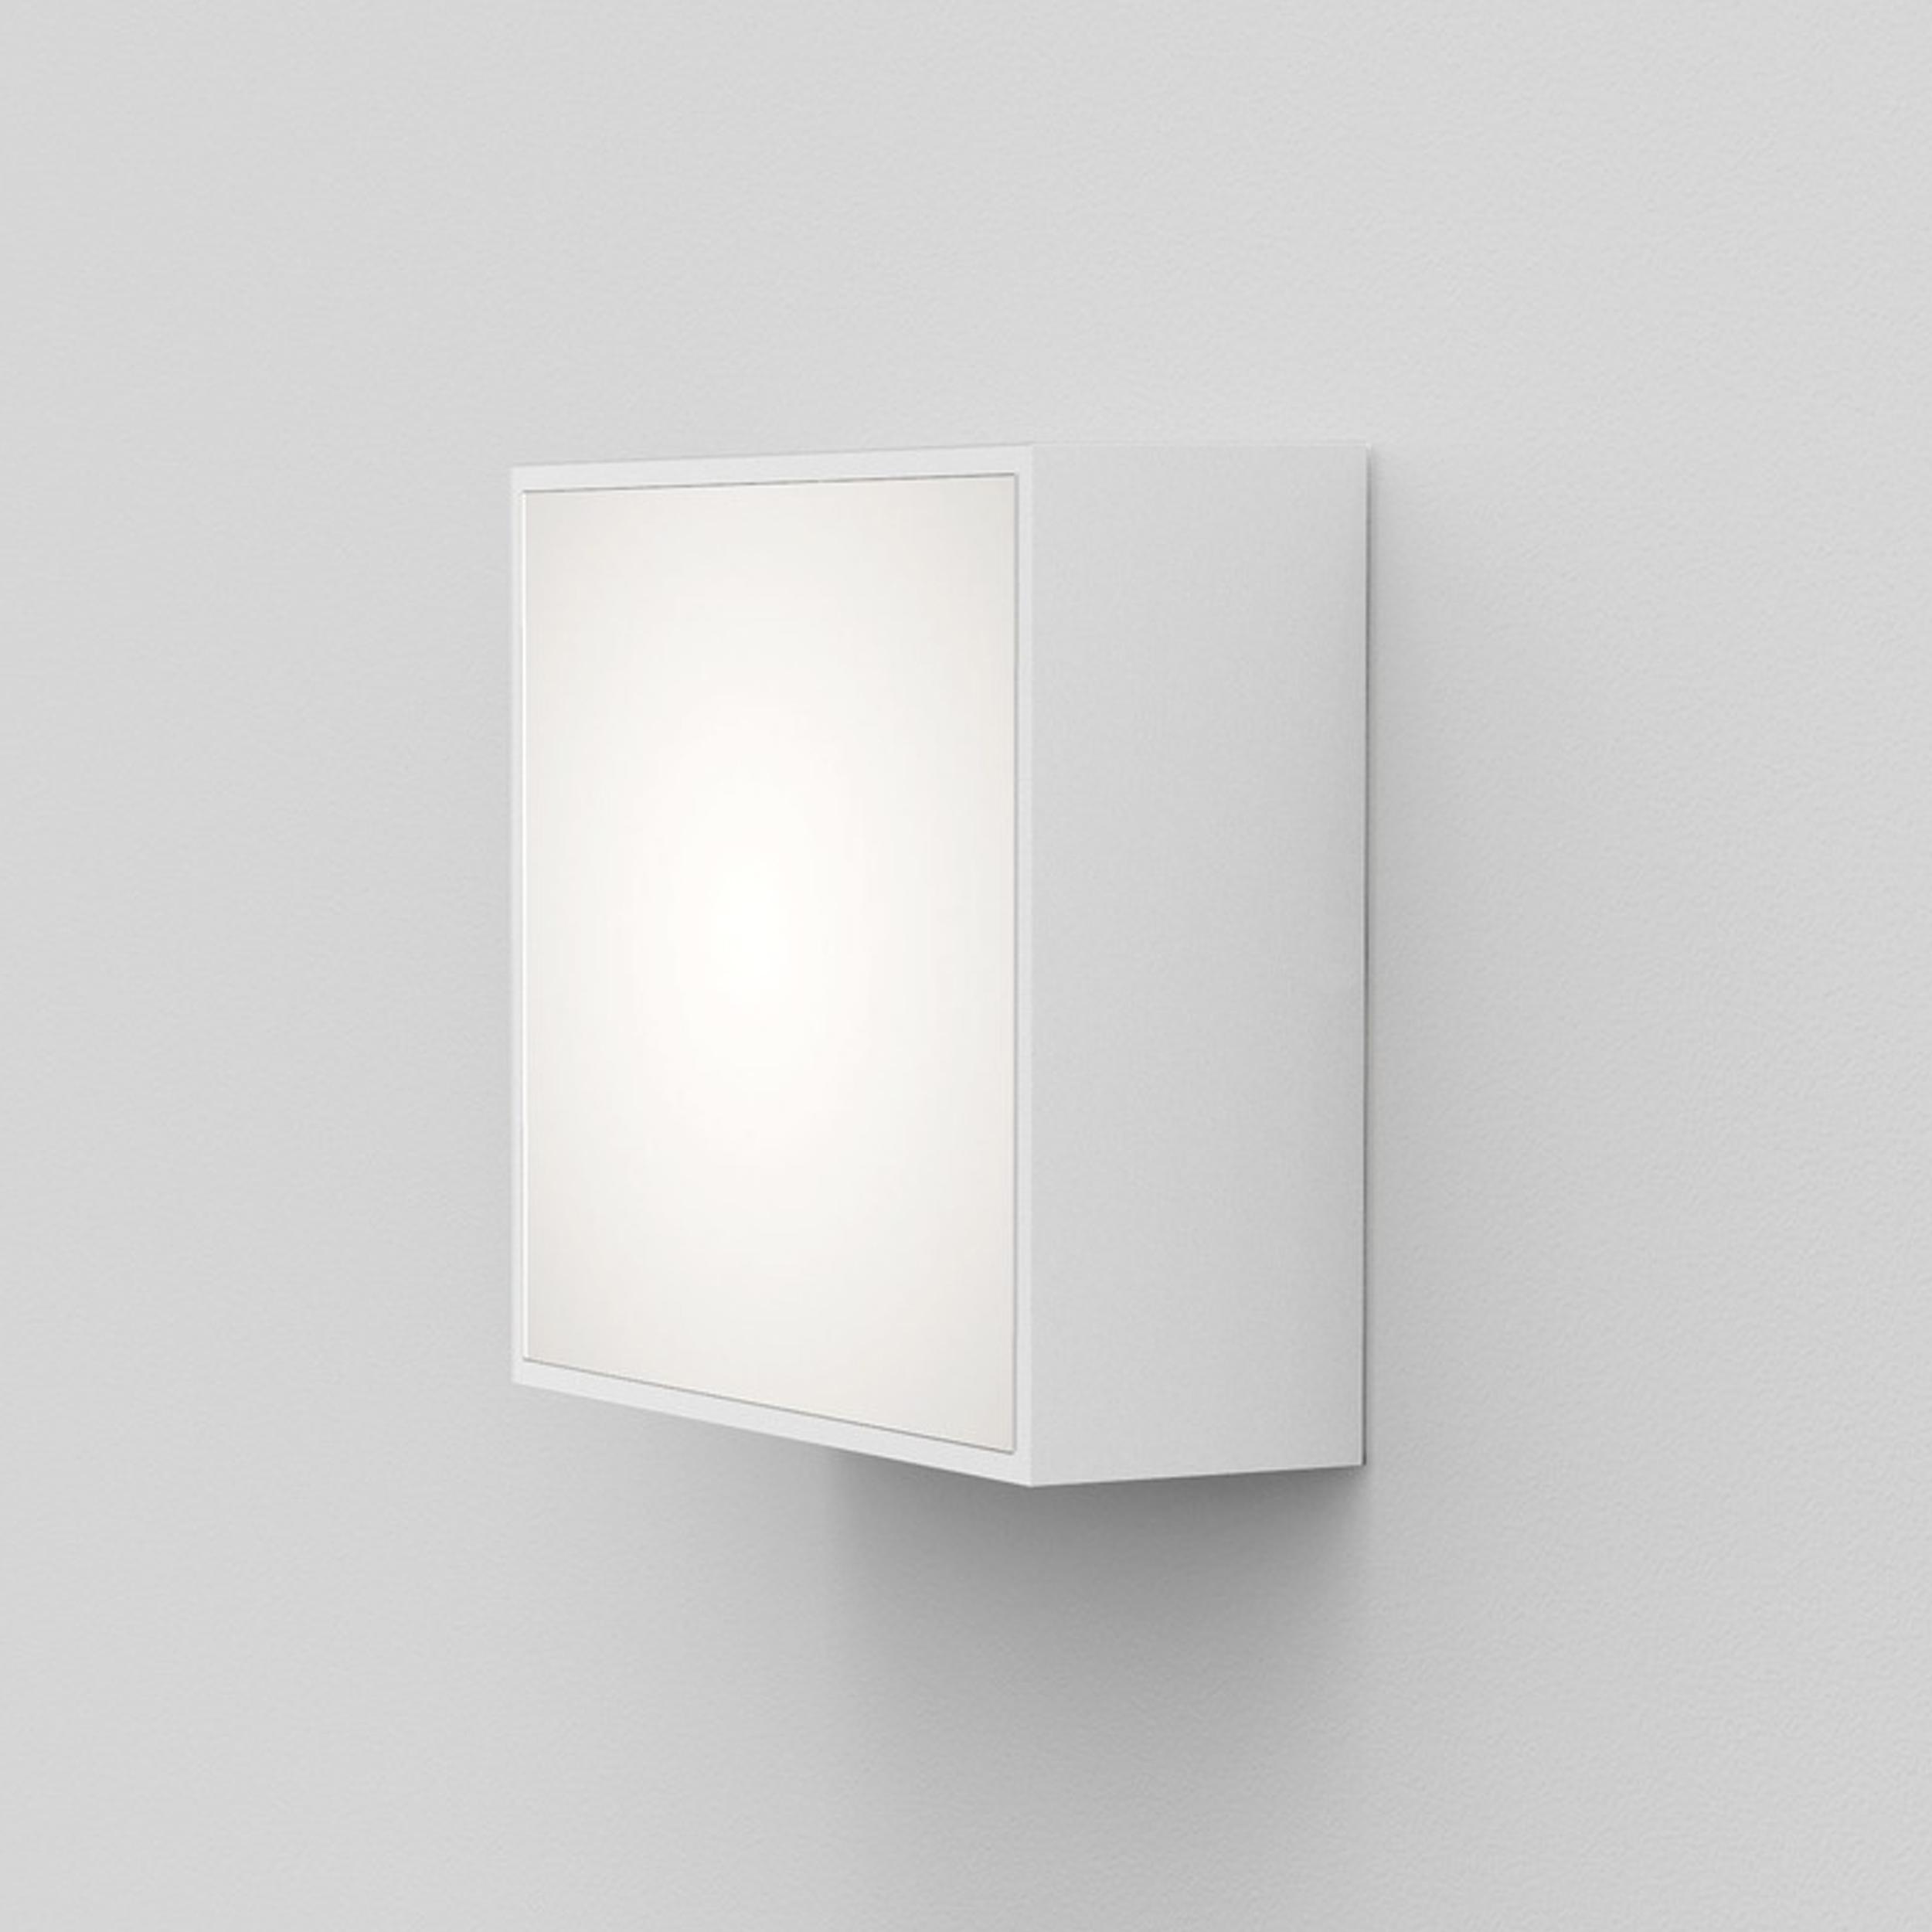 Astro Kea 140 Square Wall Light White E